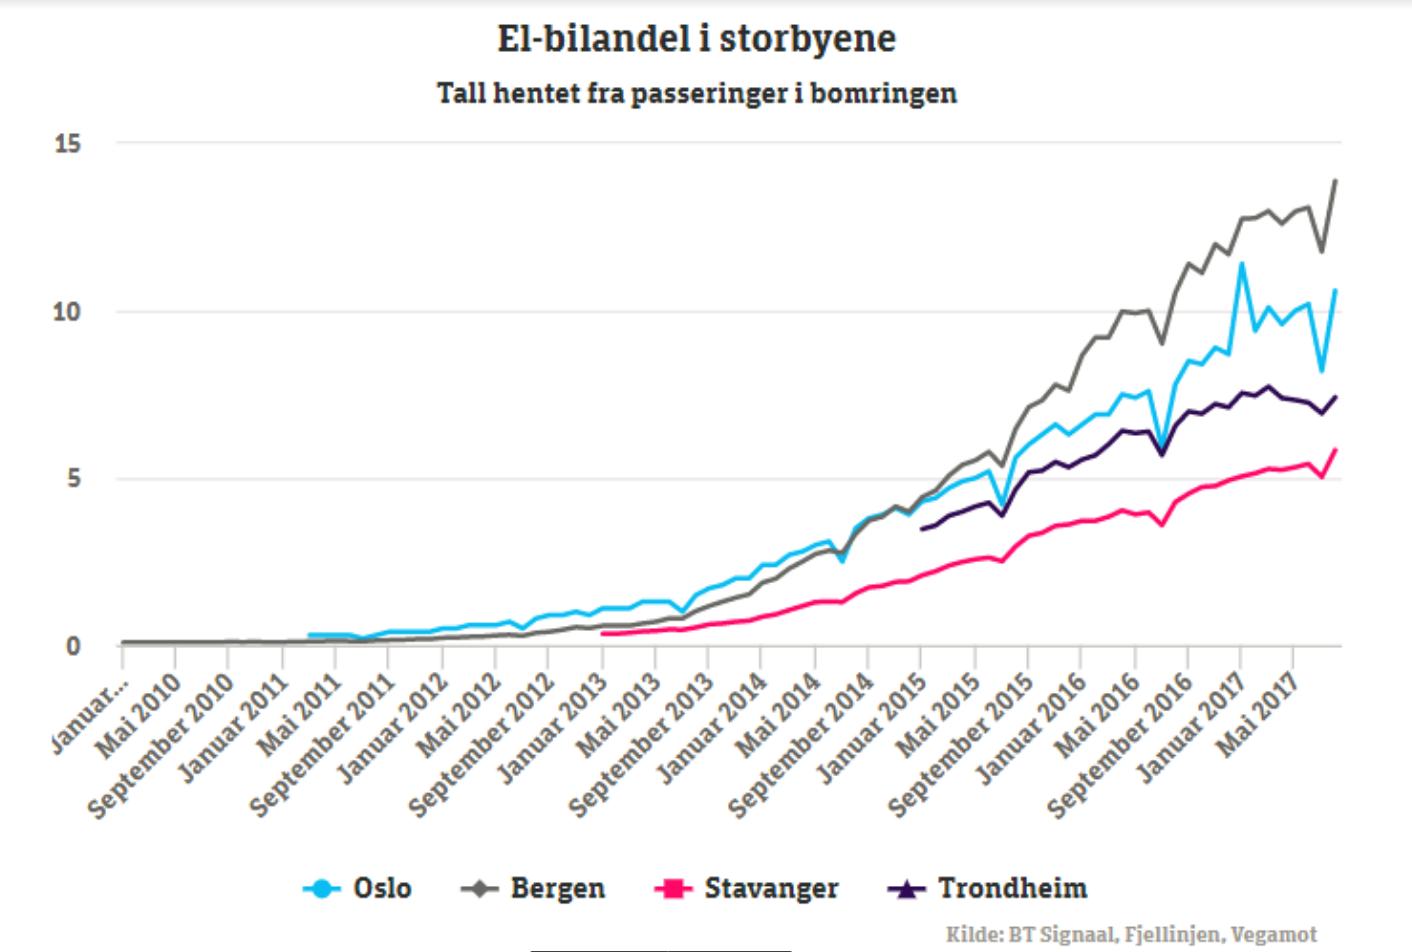 ELBILENE KOMMER: Her er elbil-andelen i norske storbyer, basert på passeringer i bomringene. Bergen leder klart med nærmere 14 prosent i 2017.